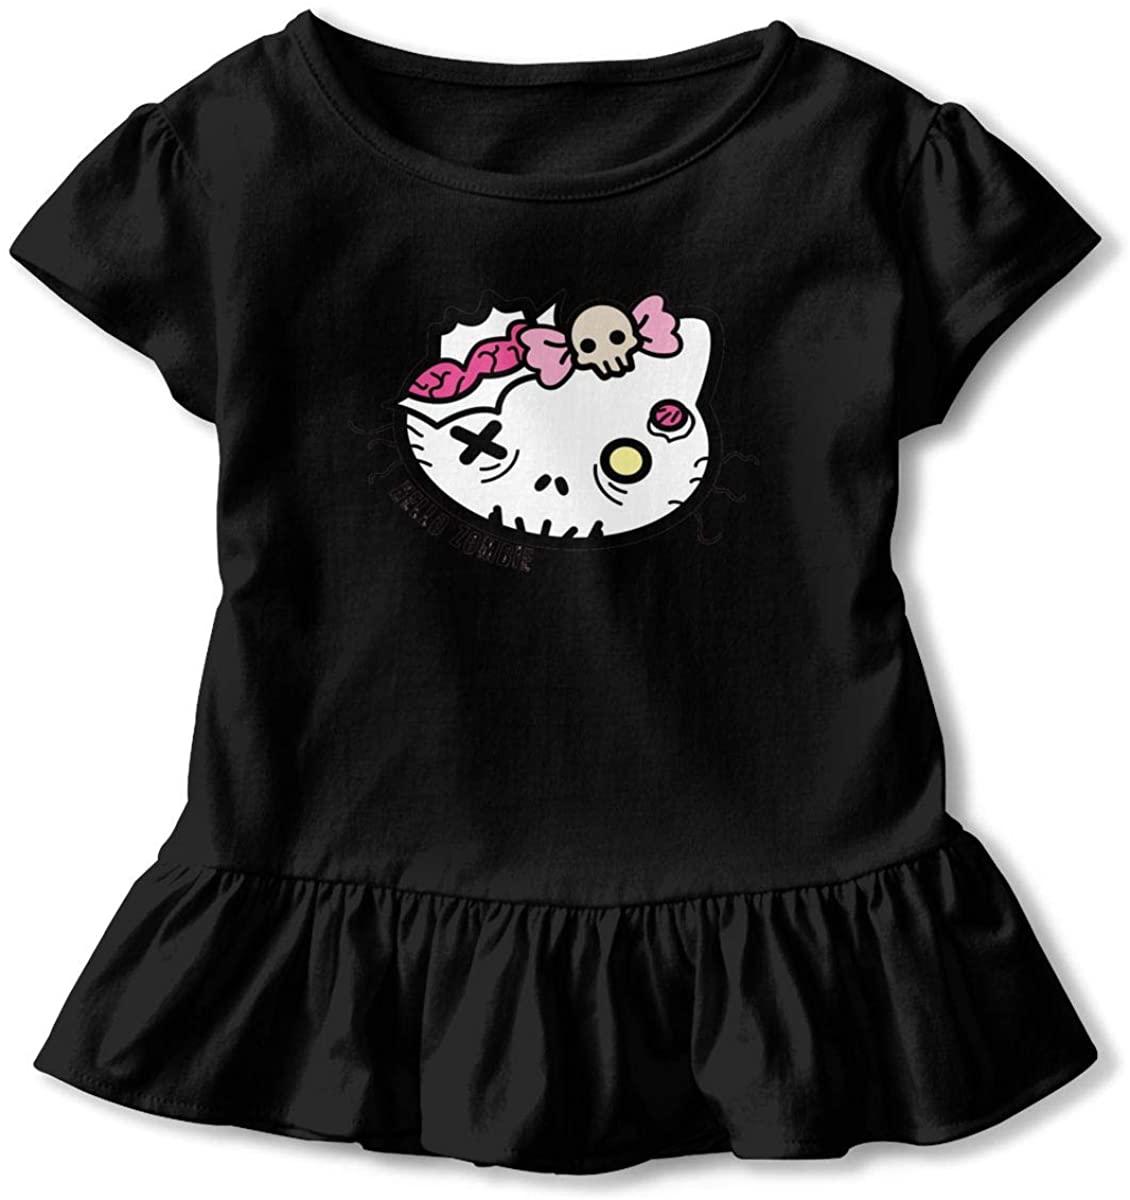 325 Hello Zombie Baby Girls T-Shirts Short-Sleeved Ruffle T-Shirt Girls Dresses